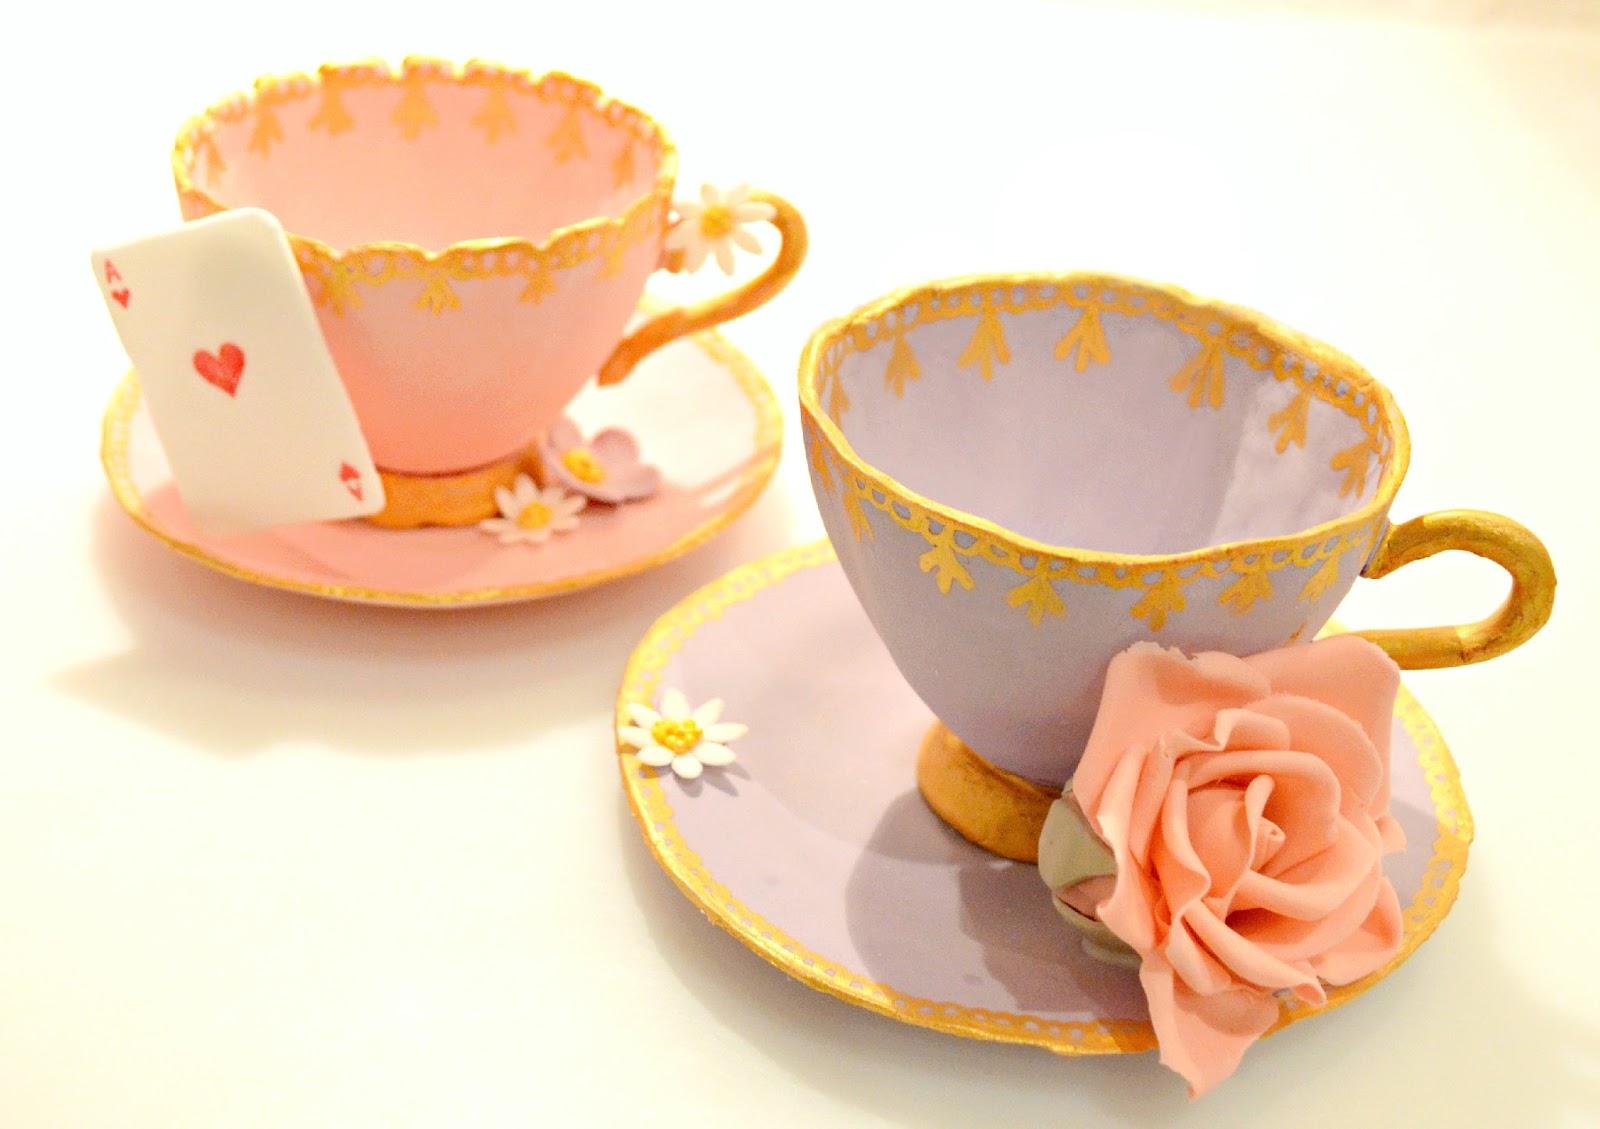 How To Make A Tea Cake Stand